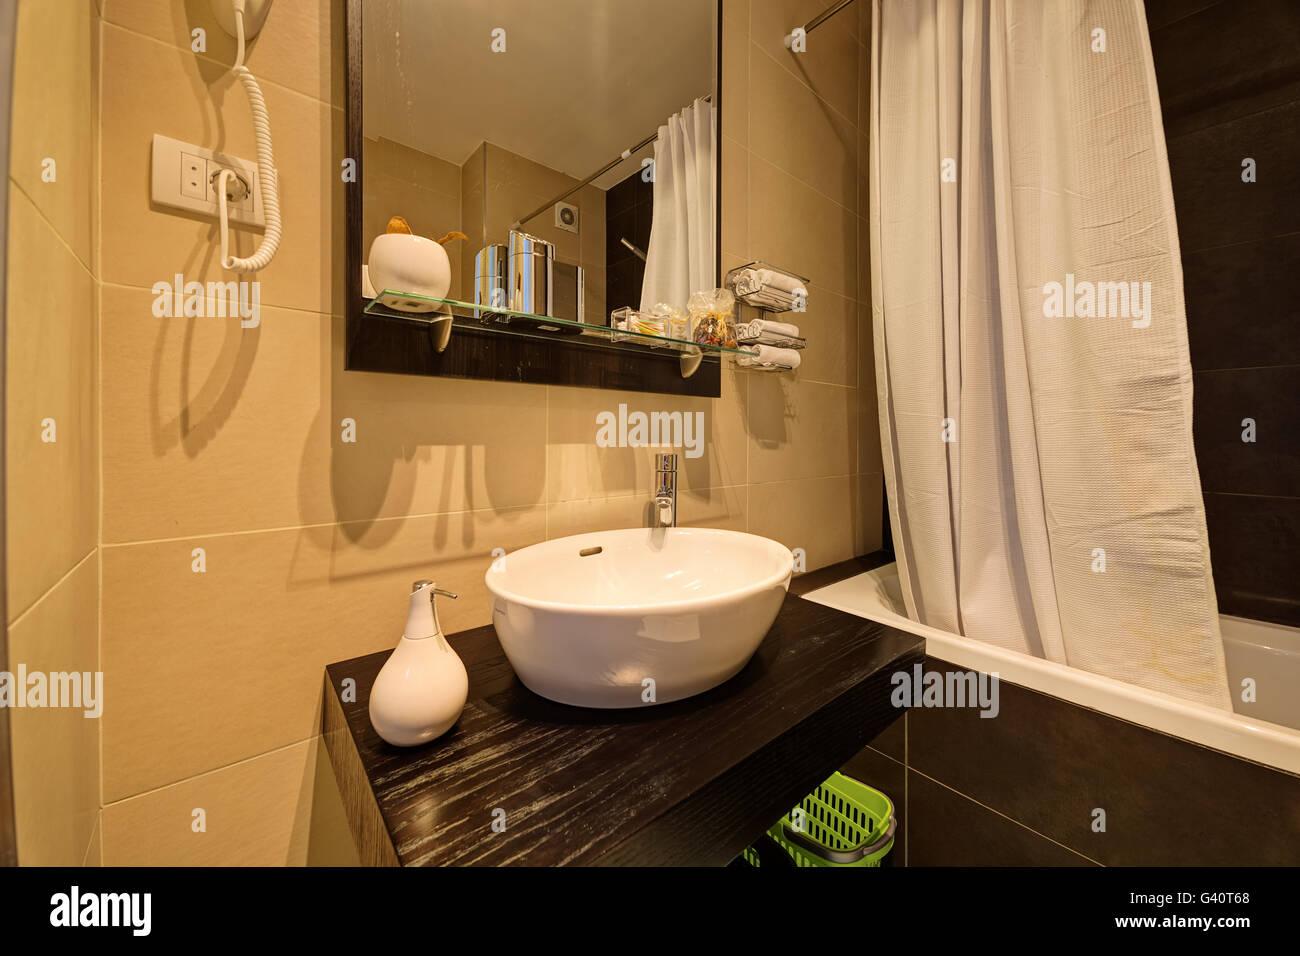 Il lusso piccolo bagno in hotel elegante con lavandino foto